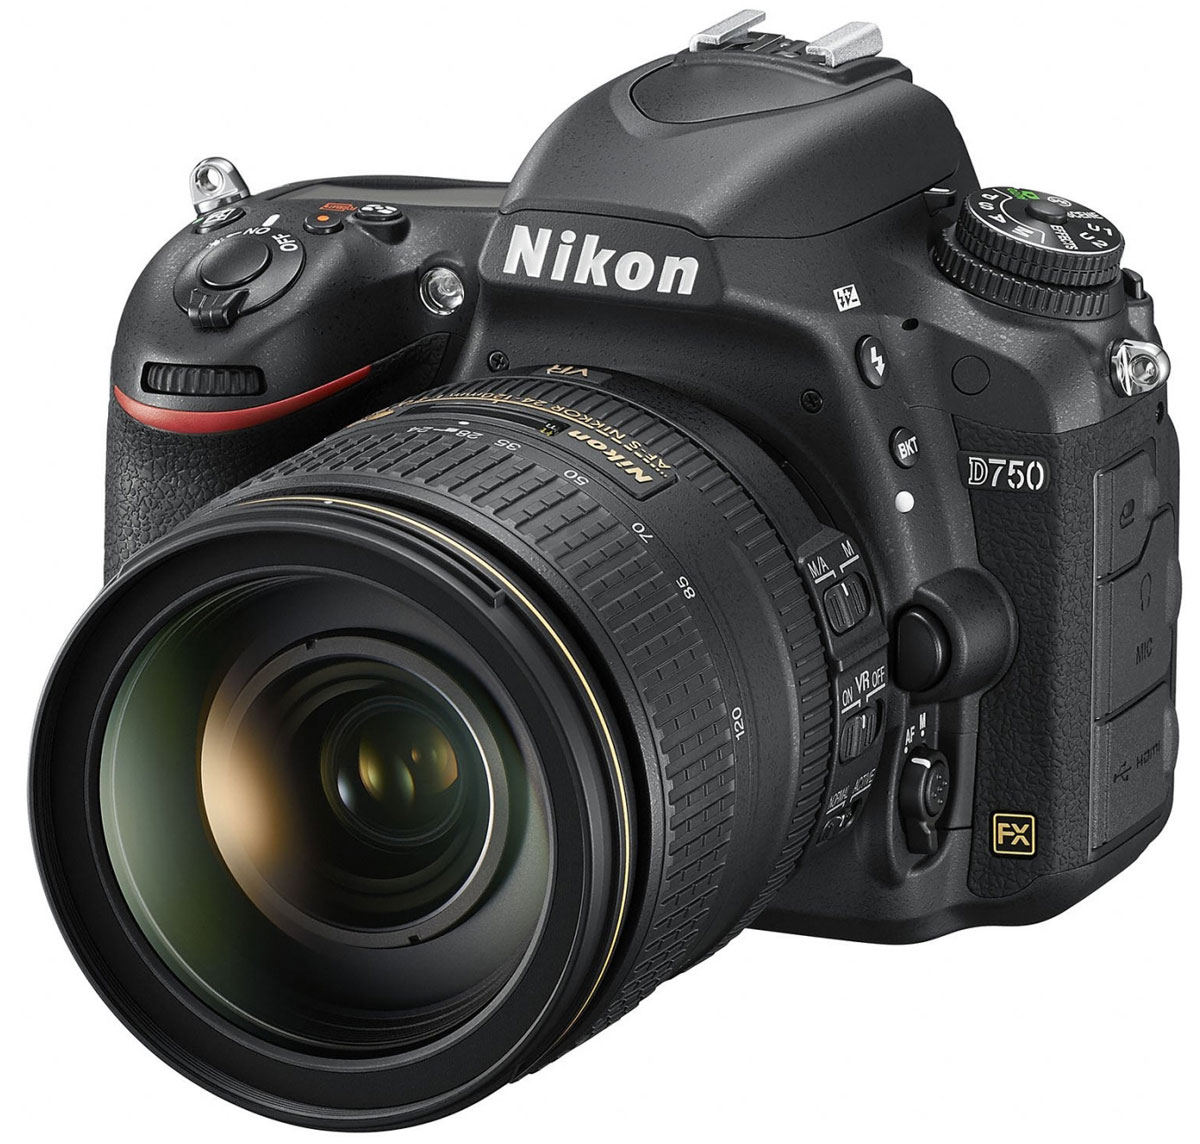 Nikon D750 Kit 24-120 VR цифровая зеркальная фотокамераVBA420K002Раскройте свое видение мира благодаря универсальной модели Nikon D750 с гибкими настройками и высокой скоростью съемки. Откройте для себя мир неограниченных возможностей: дерзайте и побеждайте с помощью полнокадровой 24,3-мегапиксельной фотокамеры.Новая конструкция матрицы формата FX обеспечивает исключительное качество изображения и как никогда четкие результаты при больших значениях чувствительности ISO. Феноменально точная автофокусировка, высокая скорость серийной съемки (6,5 кадра в секунду), возможность записи видеороликов в формате Full HD (1080/60p) и наклонный экран предоставляют фотографу полную свободу для творчества. Используйте встроенный модуль Wi-Fi и мгновенно делитесь впечатляющими снимками.Система АФ Multi-CAM 3500FX с 51-й точкой гарантирует превосходную точность на всех участках полнокадрового снимка. Система обеспечивает переключение между 9-, 21- и 51-точечным покрытием кадра и сохраняет чувствительность вплоть до -3 EV (ISO 100, 20 °C). Быстрая блокировка и расширенная функциональность «Сохранение по ориентации». Пятнадцать датчиков перекрестного типа в центре совместимы с объективами AF NIKKOR, имеющими диафрагму f/5,6 или более светосильными, а 11 центральных точек фокусировки работают с диафрагмой f/8.В режиме групповой АФ непрерывно осуществляется мониторинг пяти разных областей АФ, а также обеспечиваются быстрое наведение на объект съемки и улучшенная изоляция фона в случае съемки сравнительно небольших объектов на высококонтрастном или отвлекающем фоне. 5-точечную зону АФ можно перемещать в пределах 51?точечного массива в соответствии с компоновкой кадра.Фотокамера поддерживает разные кадровые форматы для трансляции качественного D-видео, позволяющие вести съемку видеороликов в различных условиях. Фотокамера D750 записывает видеоролики Full HD (1080p) в форматах FX и DX с частотой кадров 50p/60p; при этом уровень шума, муара и искажения цветов намного ниже. Эта модель подде